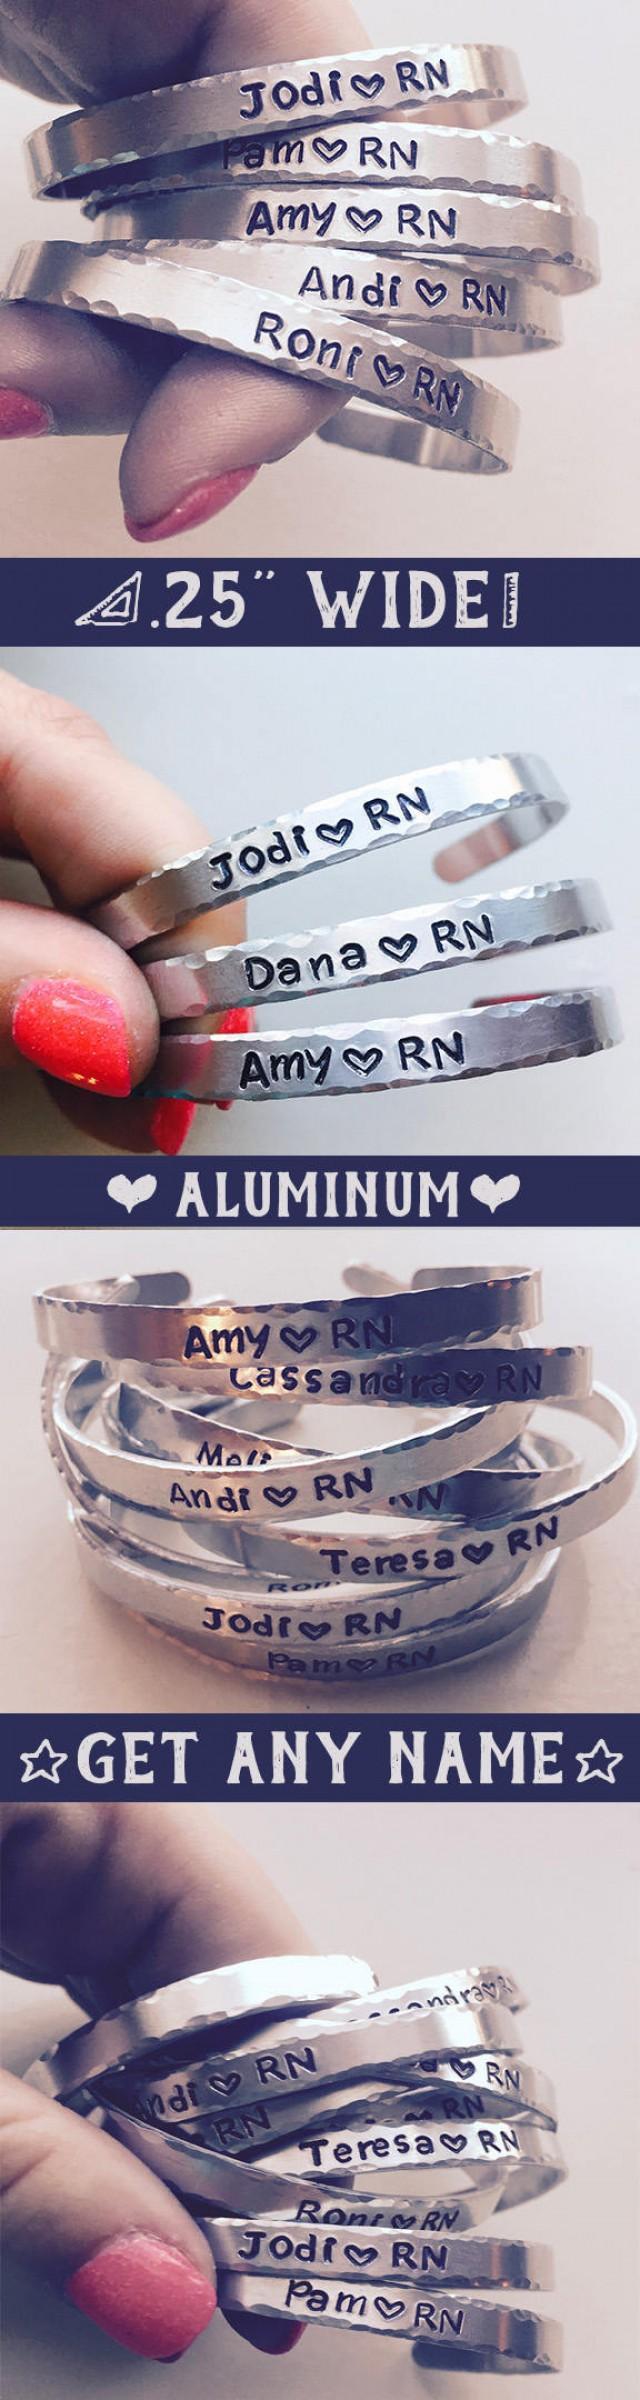 15 Off Gift For Nurses Gifts Under 10 Handstamped Bracelet Cna Reciation Week Nurse Graduate Personalized F 2741313